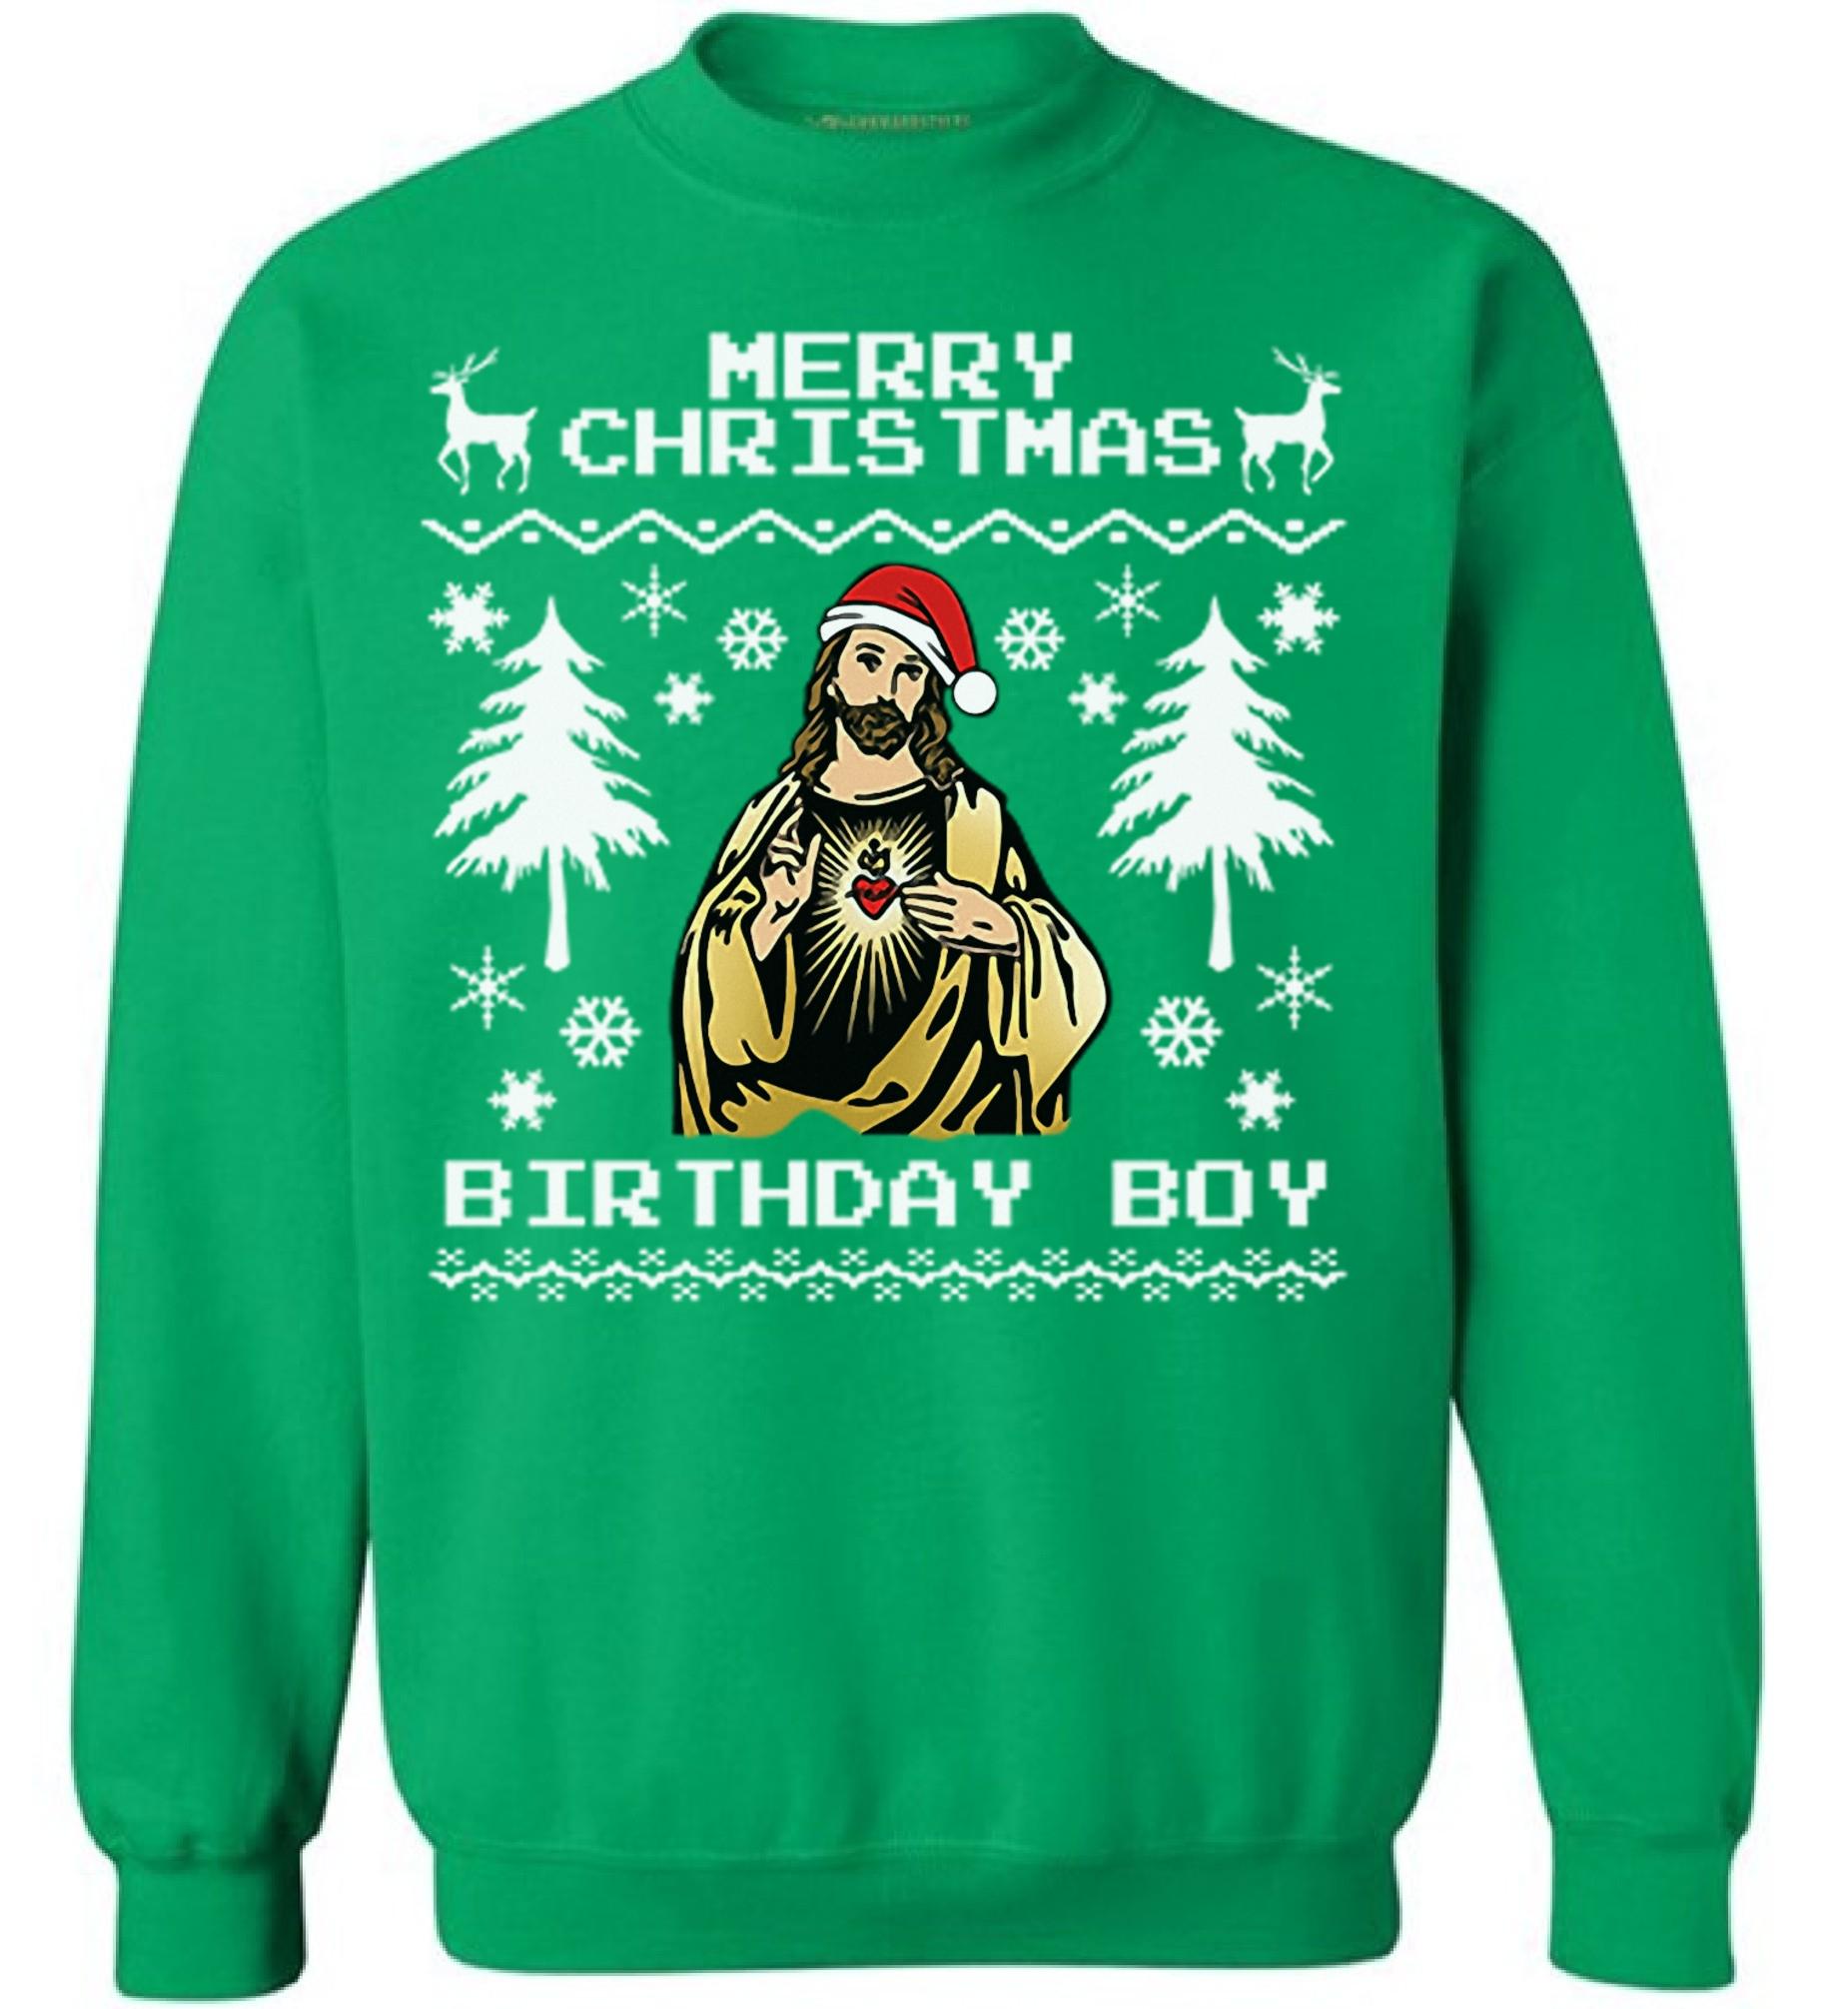 Merry Christmas Birthday Boy Sweatshirt Jesus Christmas Sweater Ugly ...